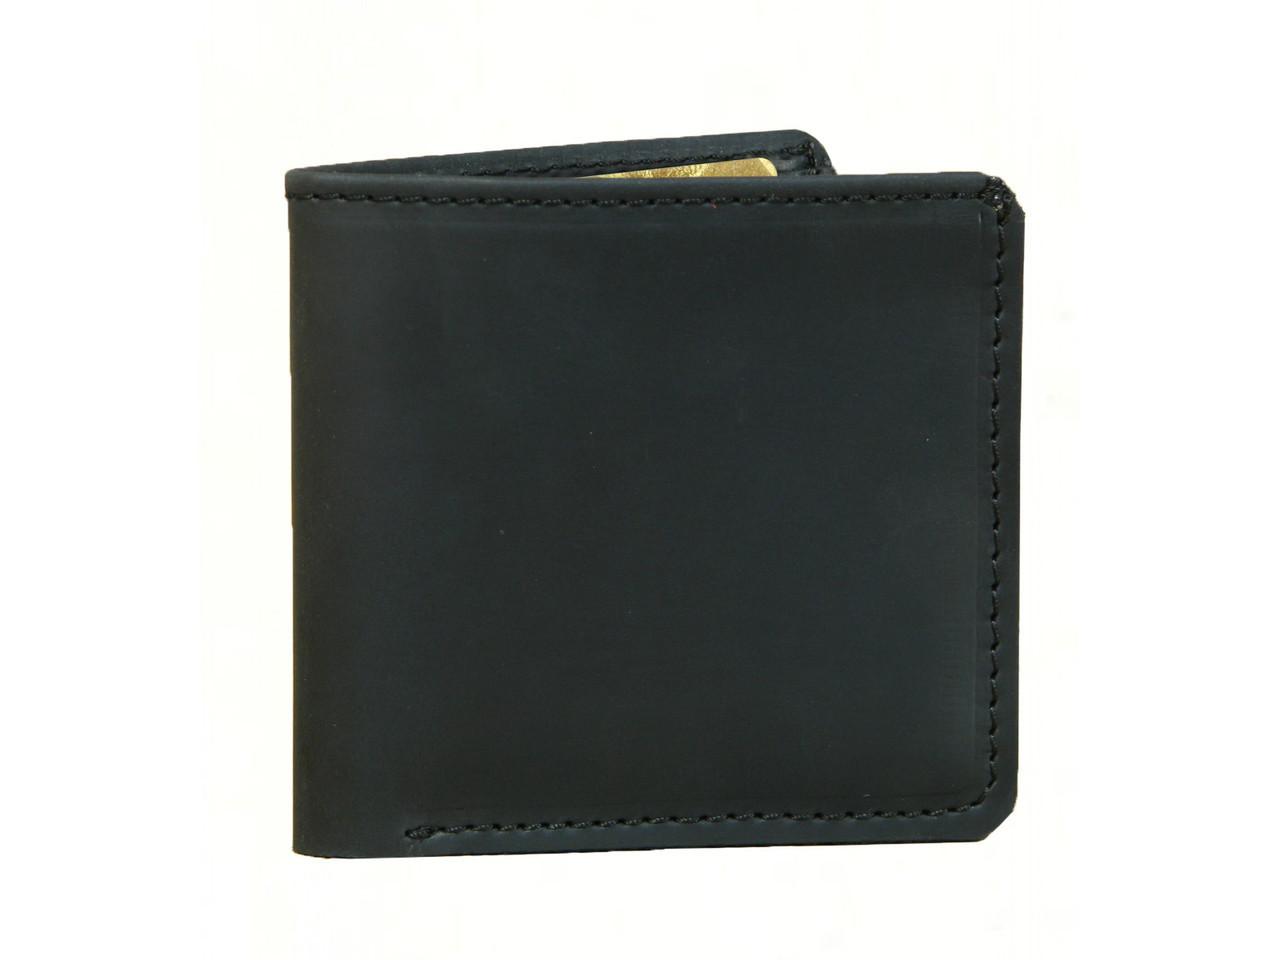 Кожаный тонкий кошелек GS мужской черный